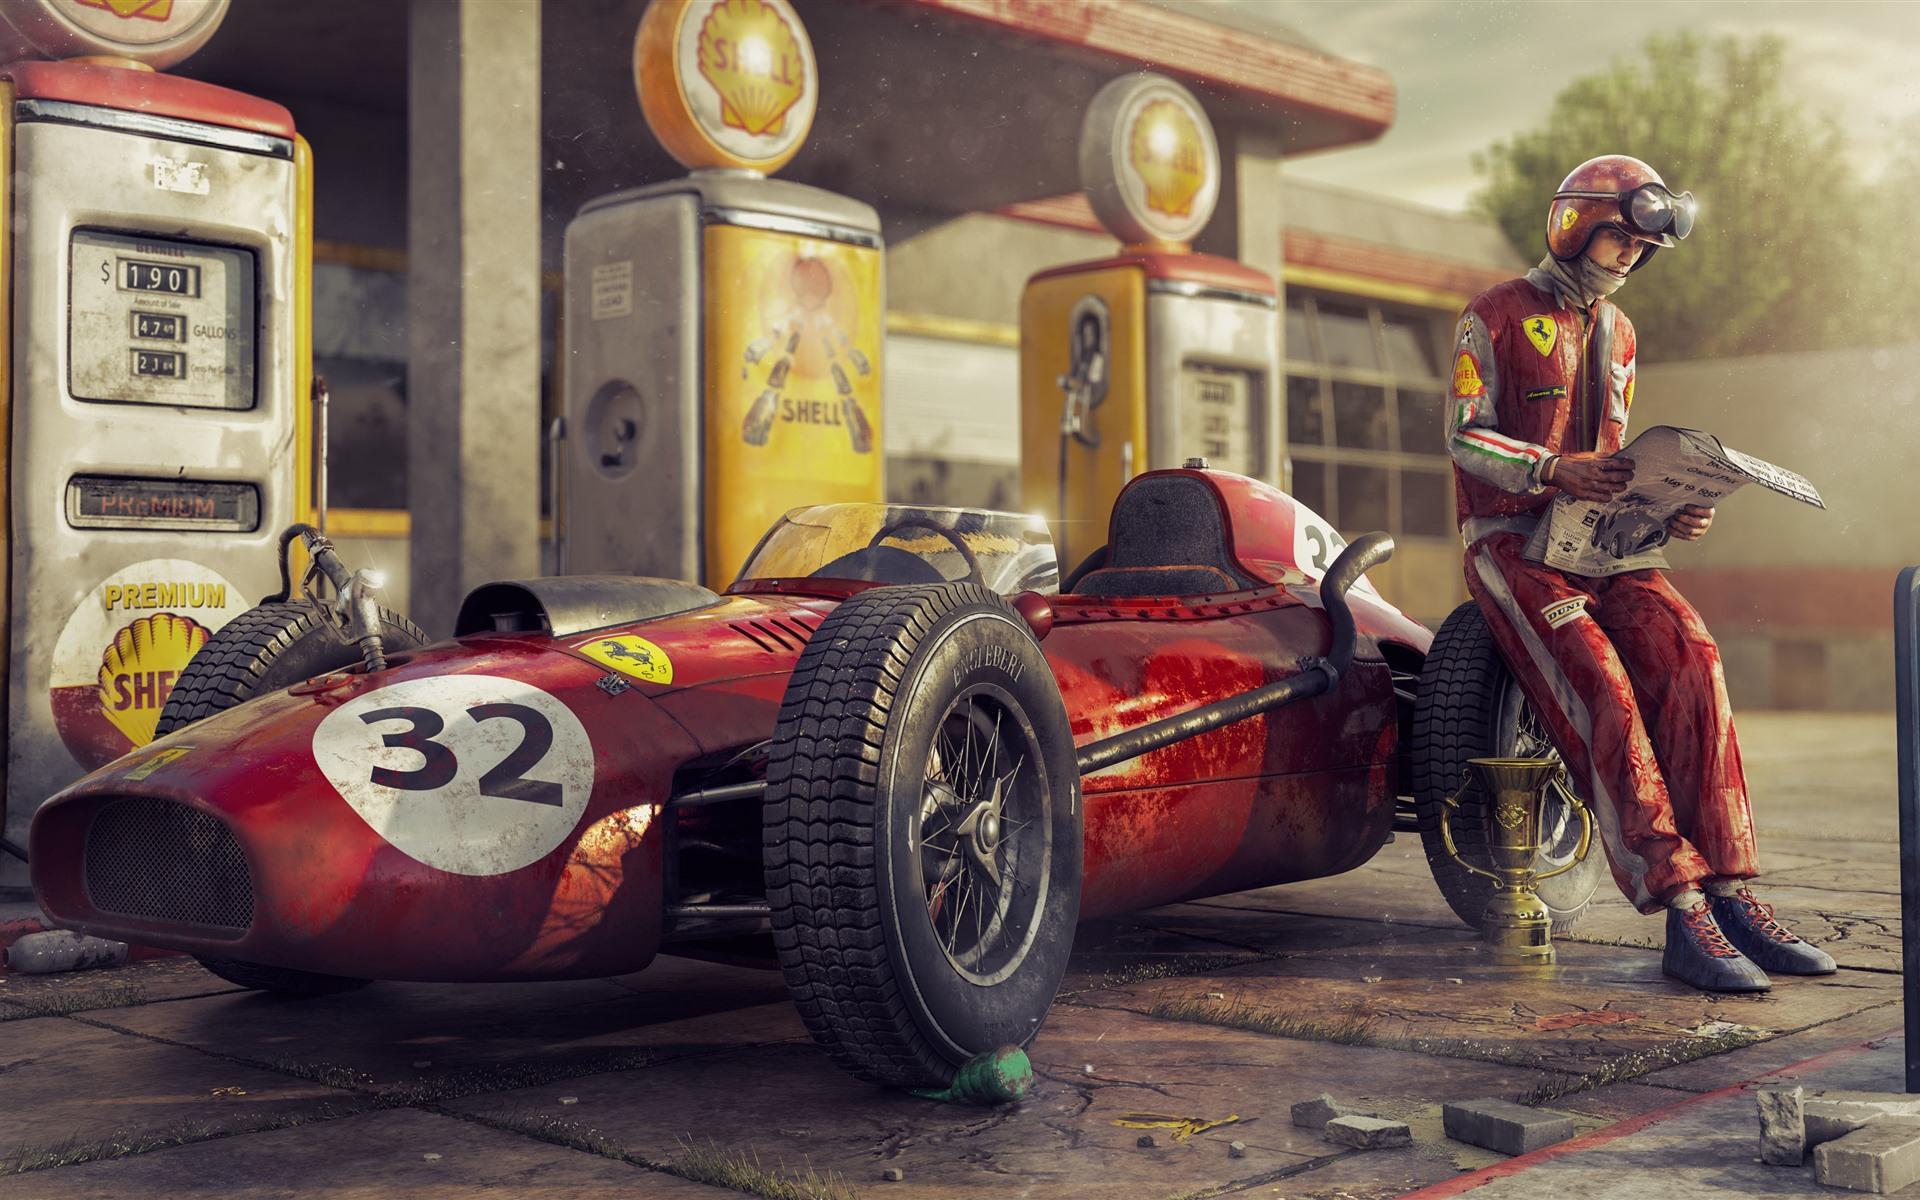 Wallpaper Ferrari F1 Racing Car Retro Driver 3840x2160